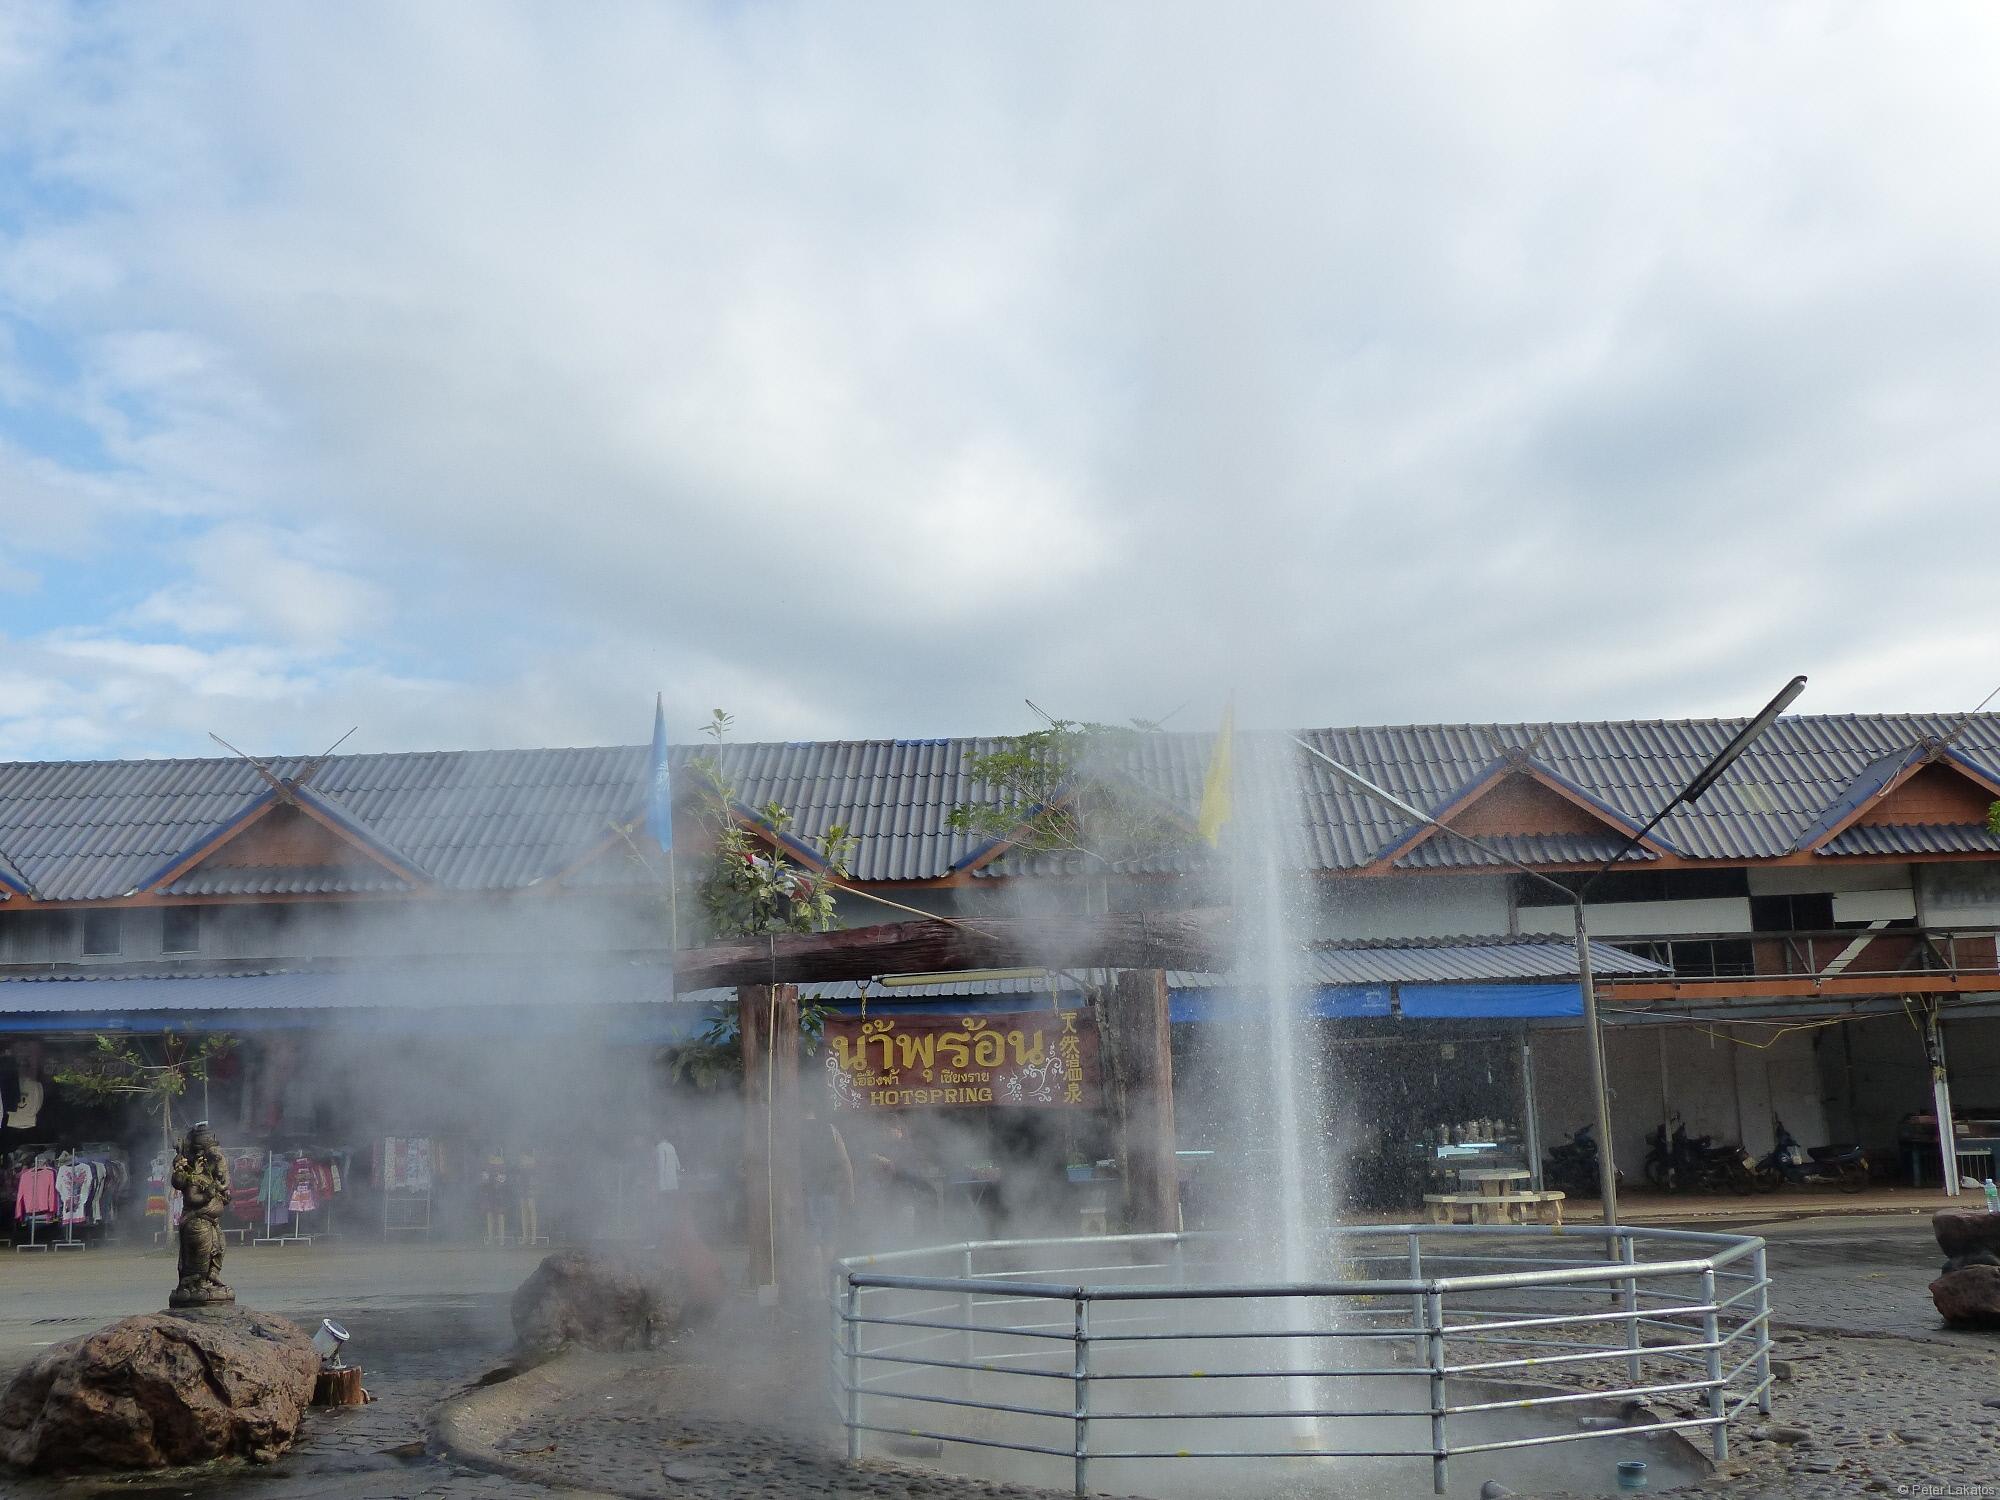 Sehenswürdigkeiten um Chiang Mai - Hot Spring